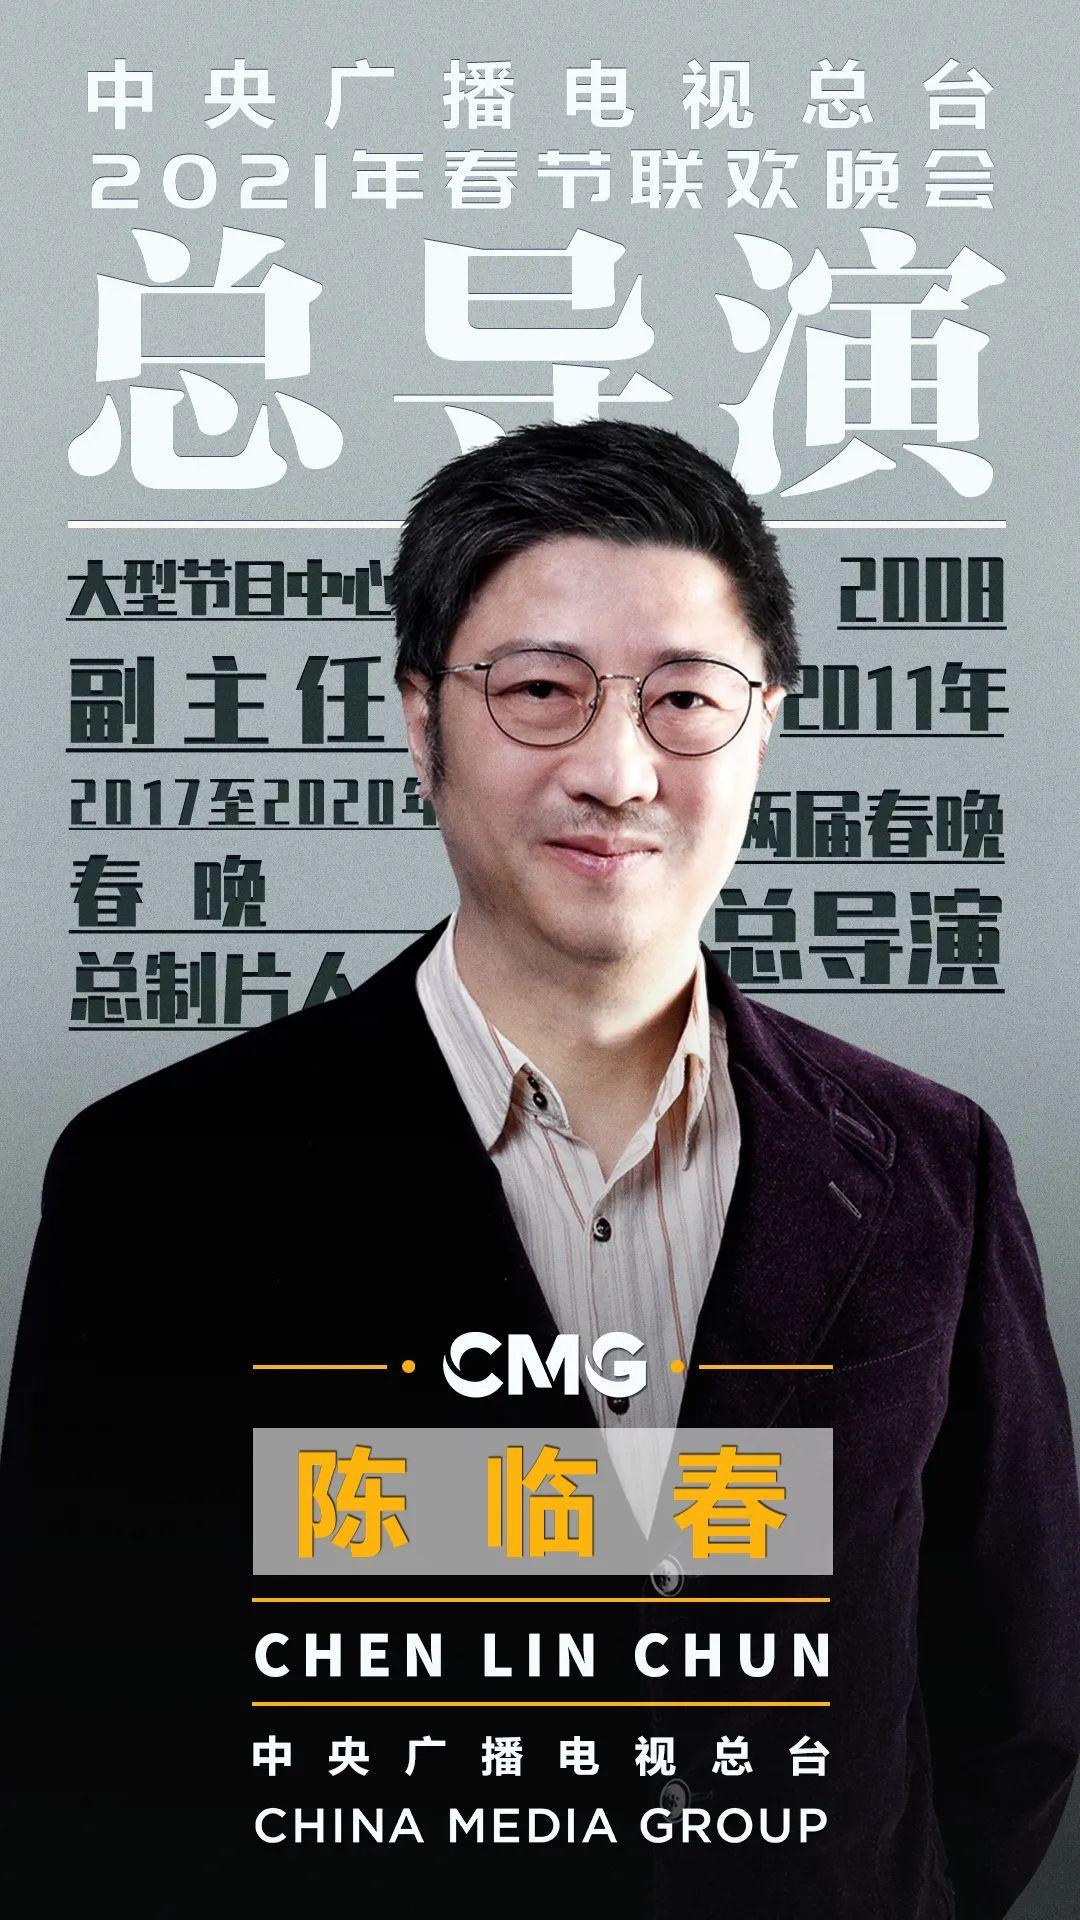 官宣!中央广播电视总台《2021年春节联欢晚会》总导演组公布_娱乐频道_硬汉资源网